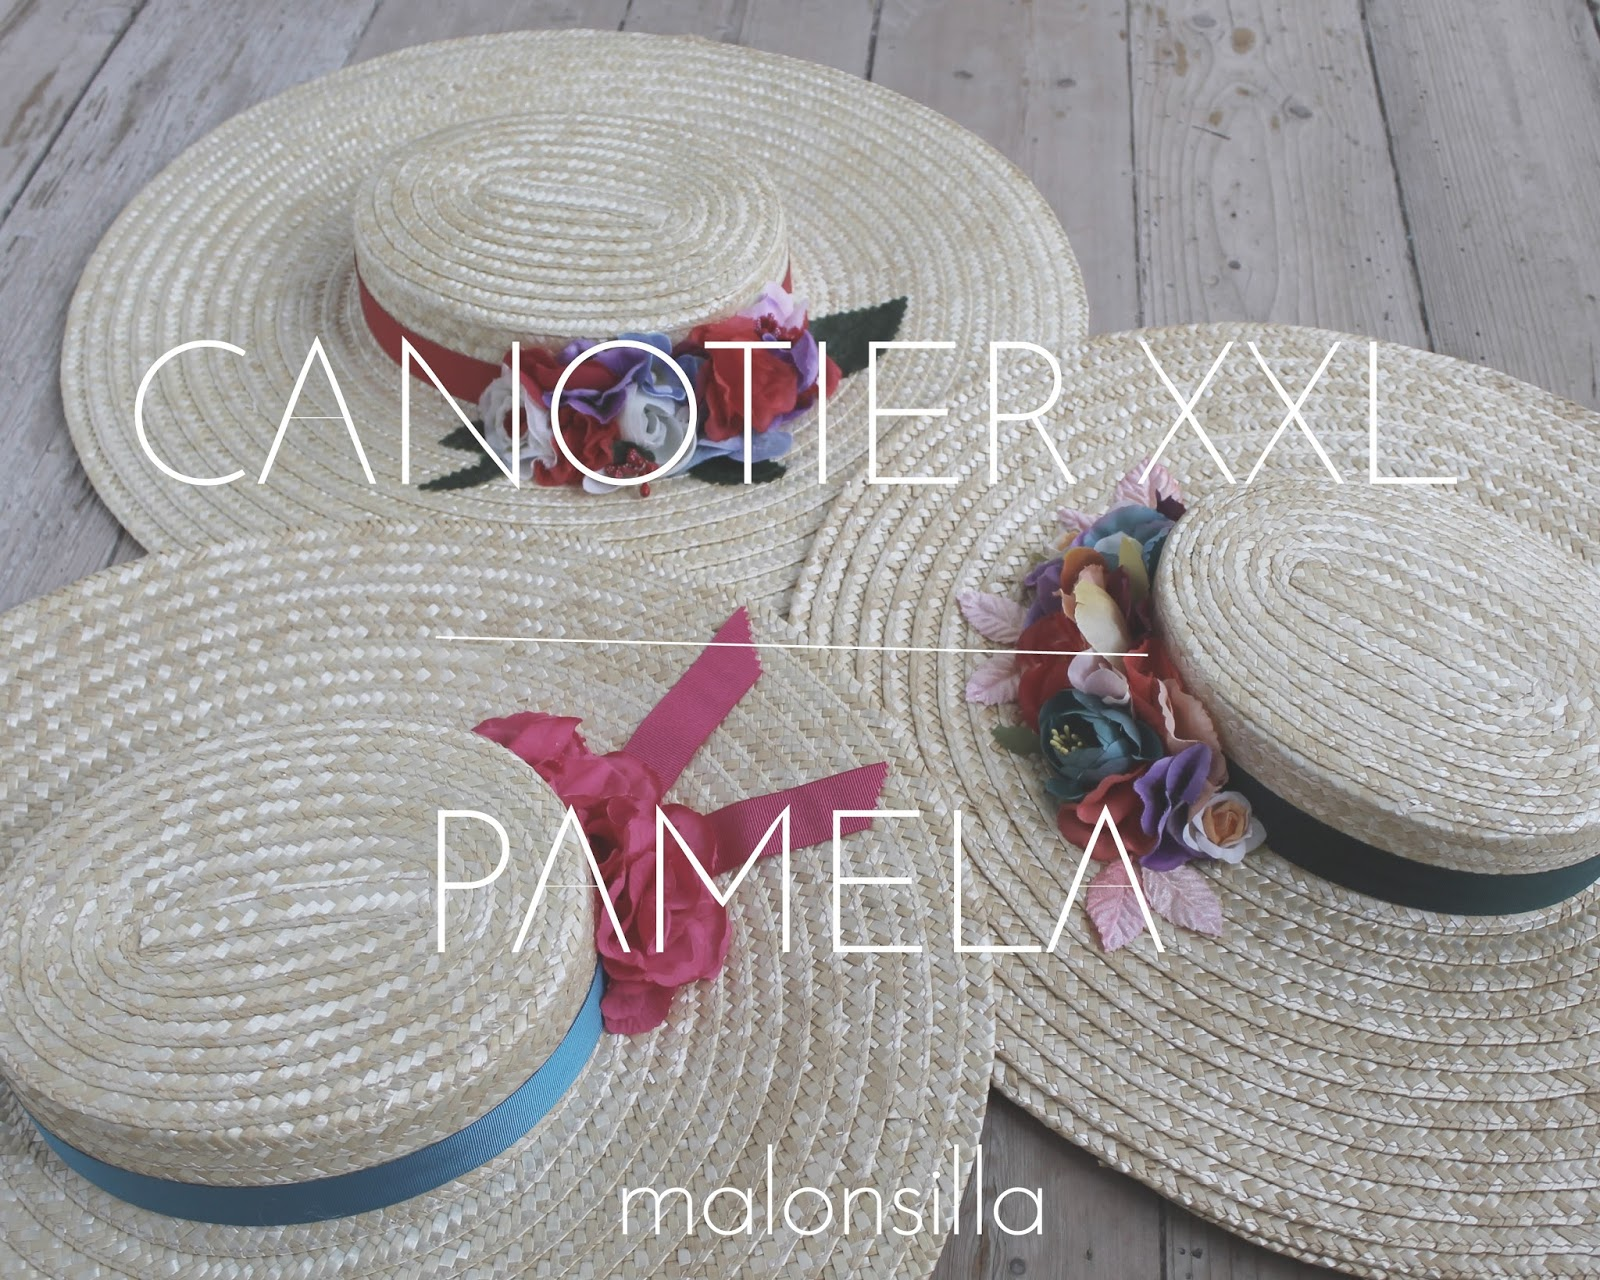 Conjunto de tres pamelas de rafia tipo canotier con flores by malonsilla 2f1d9ba3f98